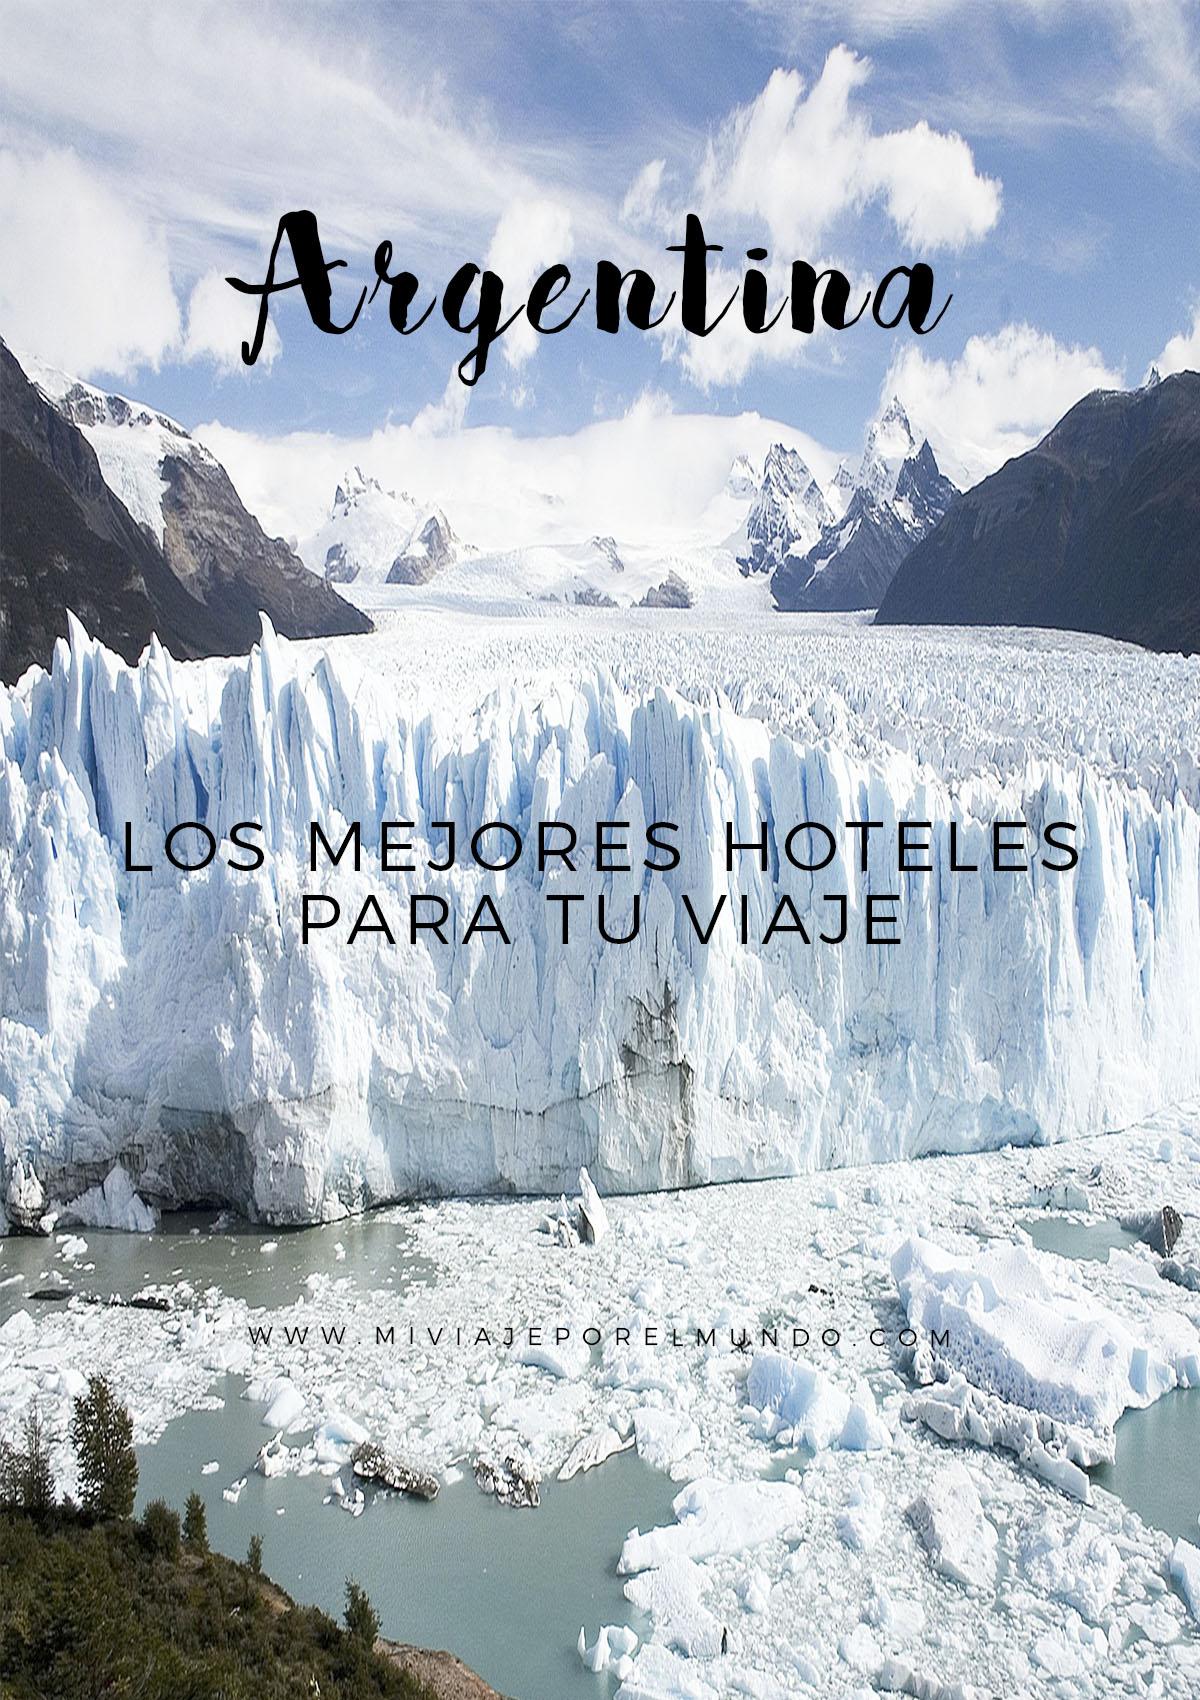 Los mejores hoteles de Argentina